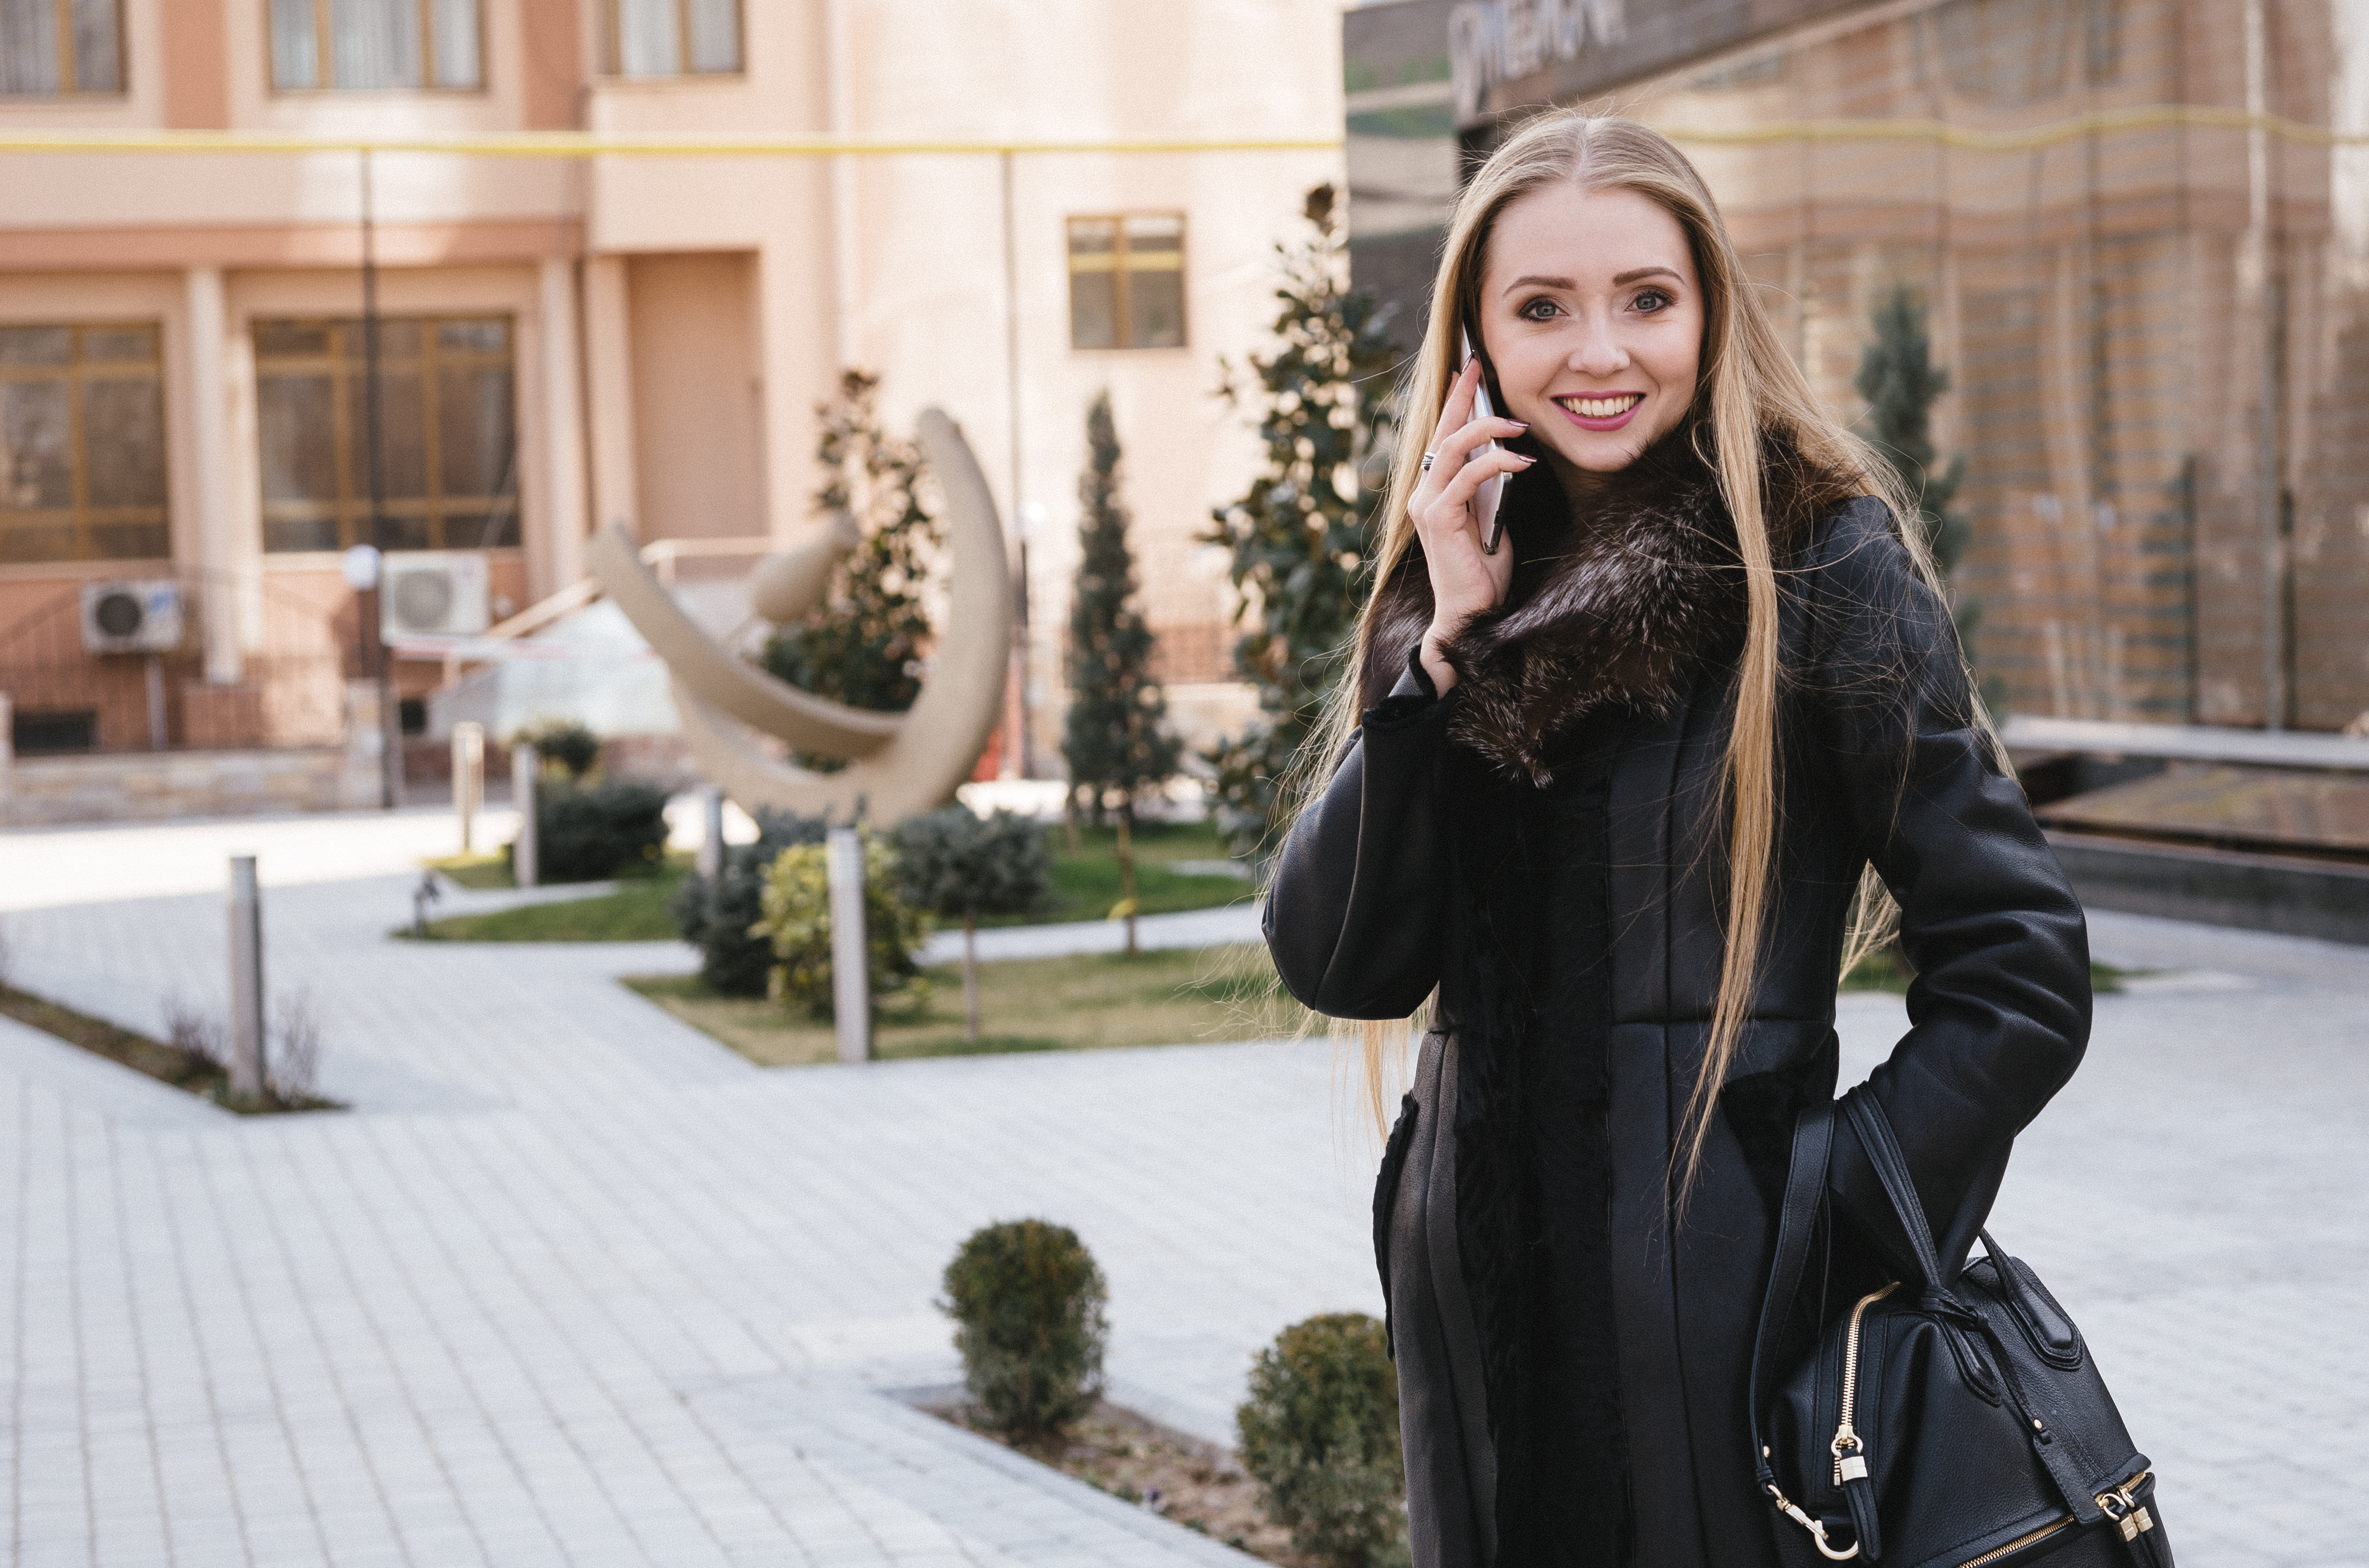 ブロンドの外国人女性と待ち合わせの写真 画像 フリー素材 ぱくたそ